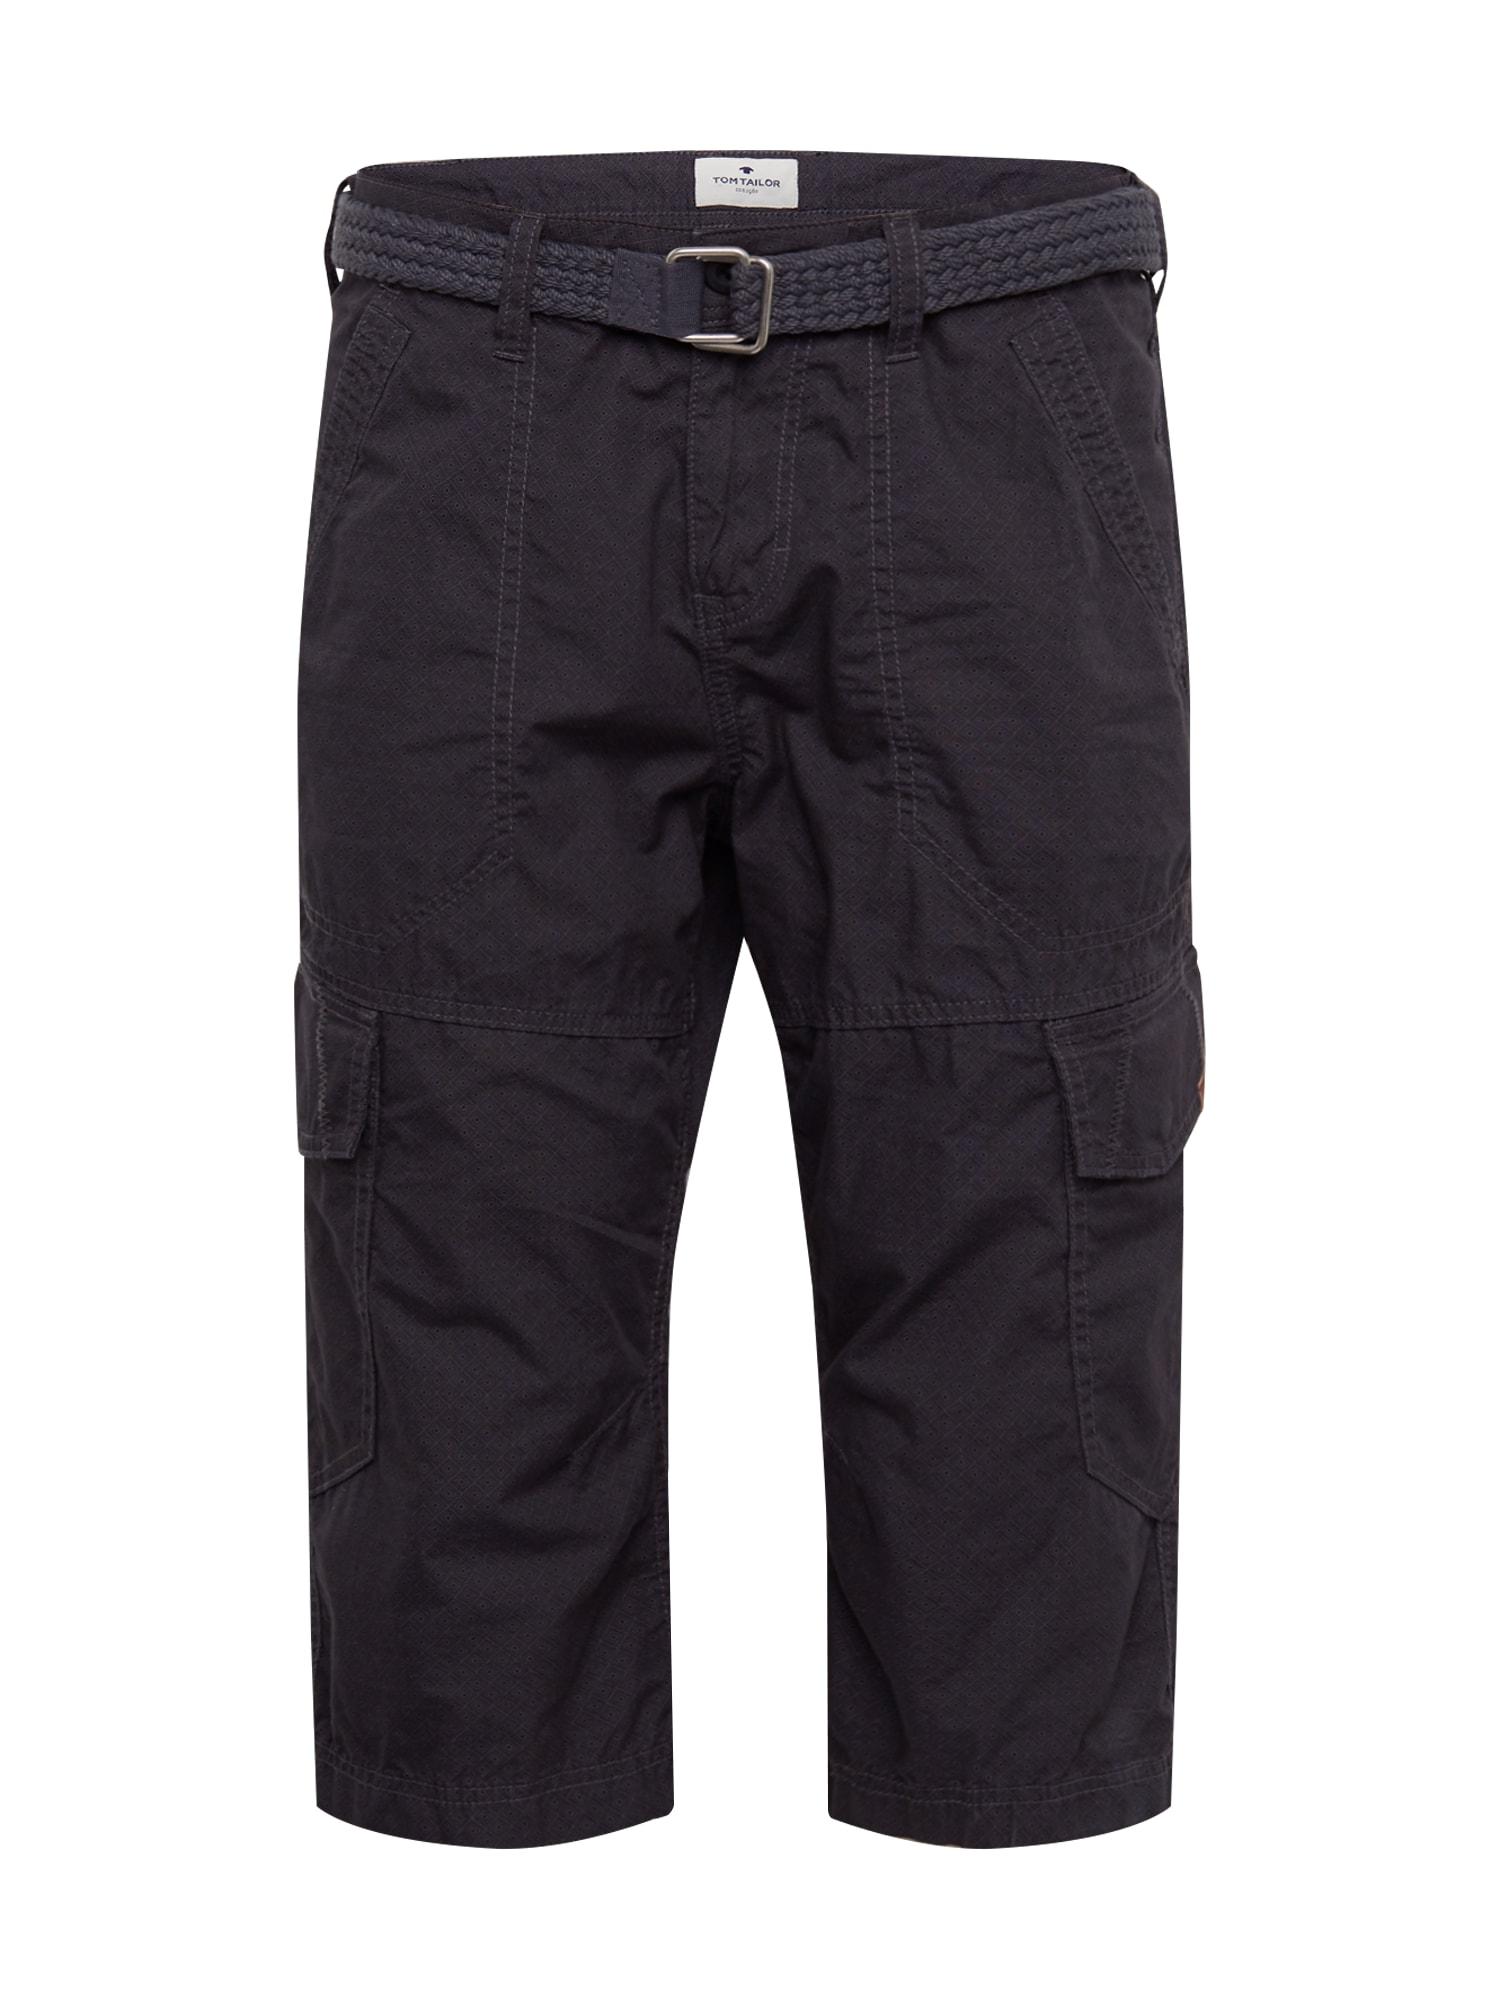 TOM TAILOR Chino nohavice  čierna melírovaná